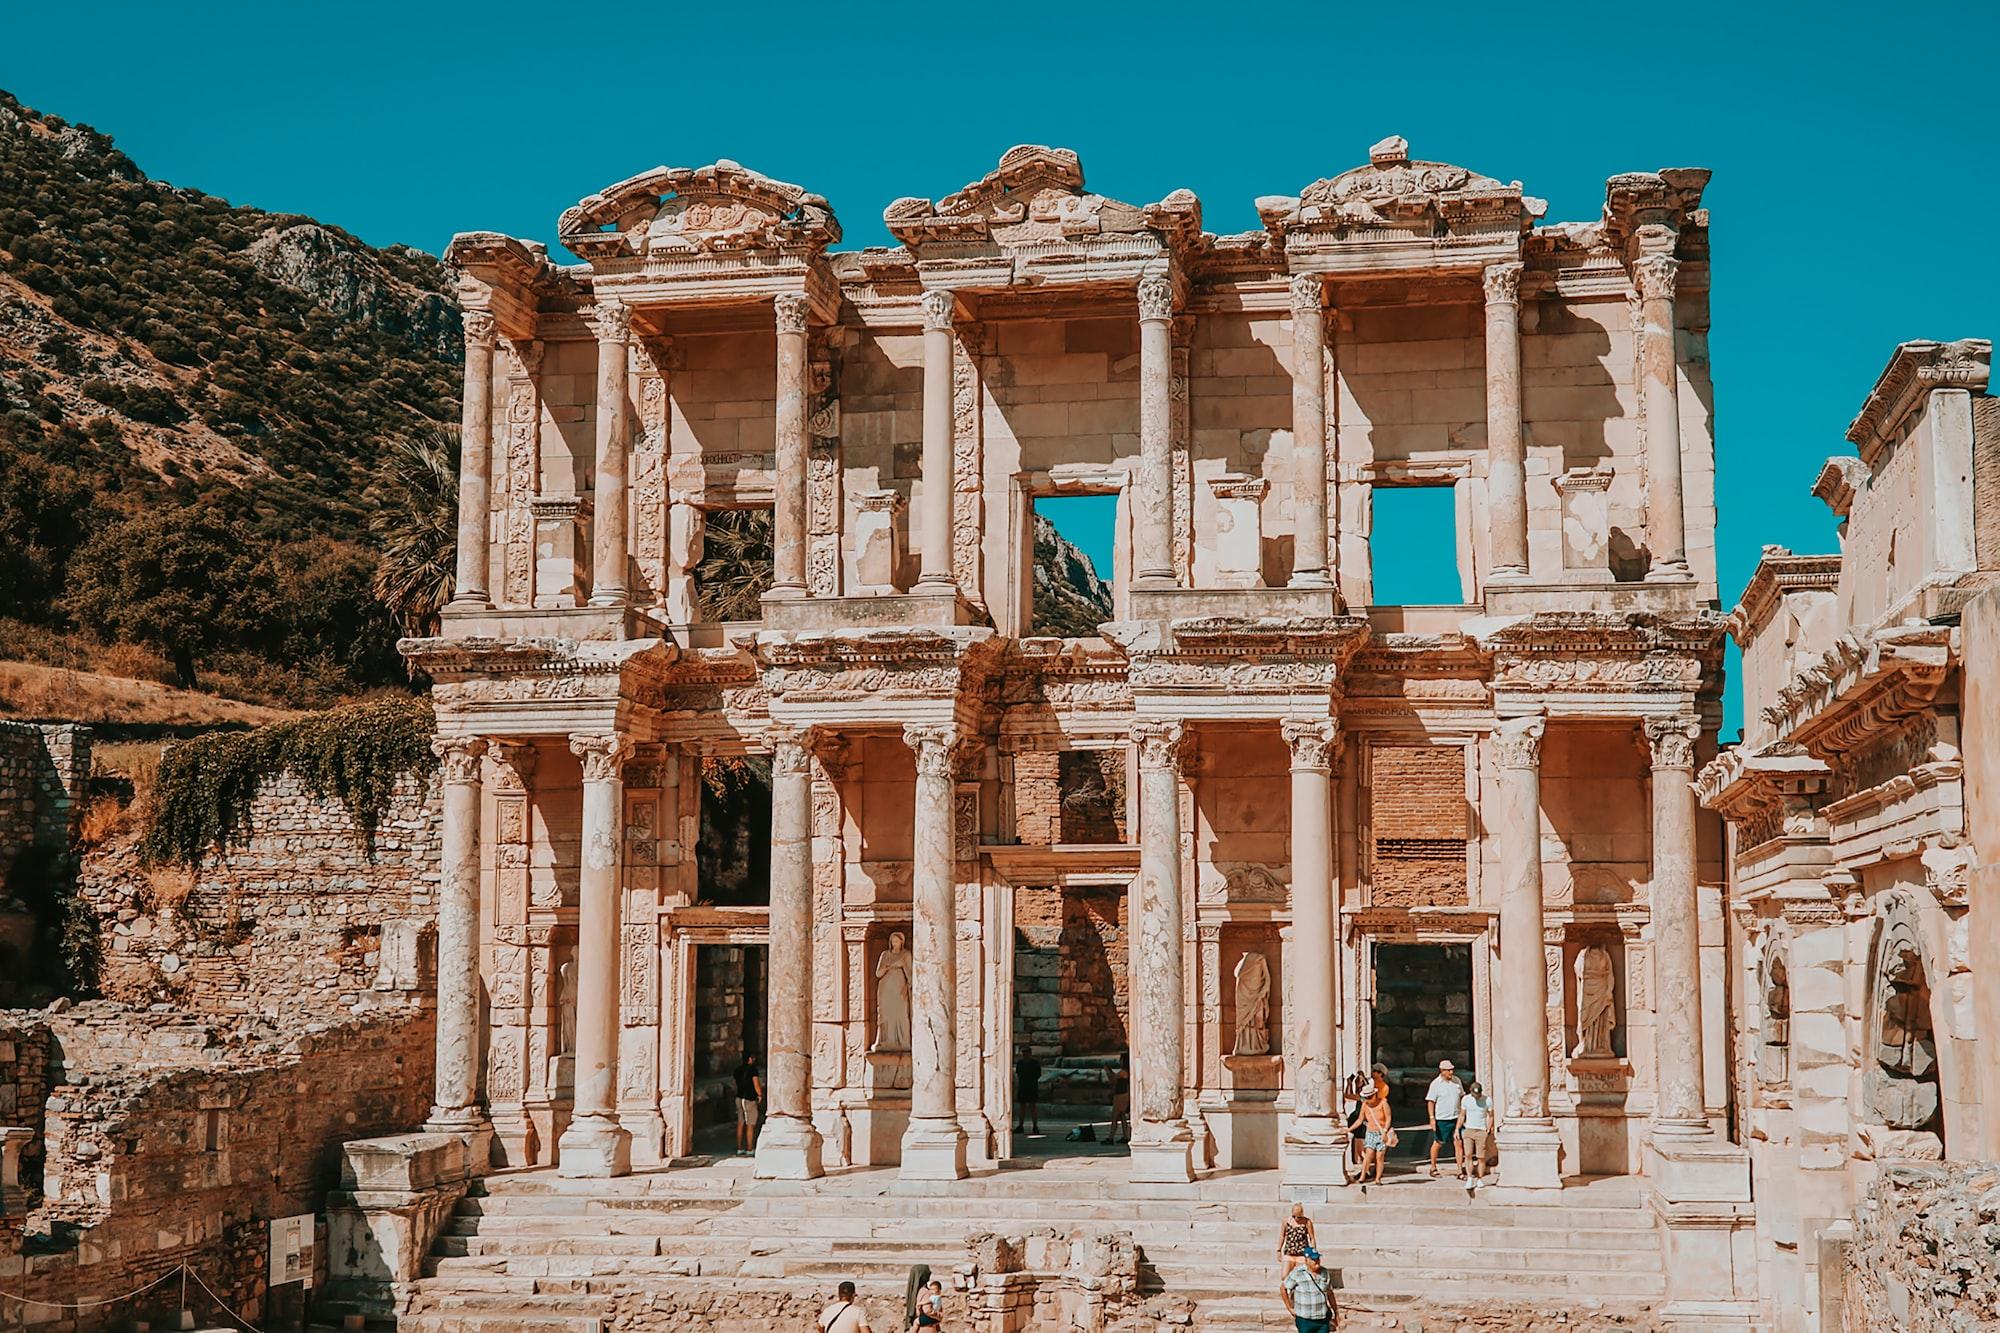 Efes Kentinin Kurucusu Bulmaca Anlamı Nedir?